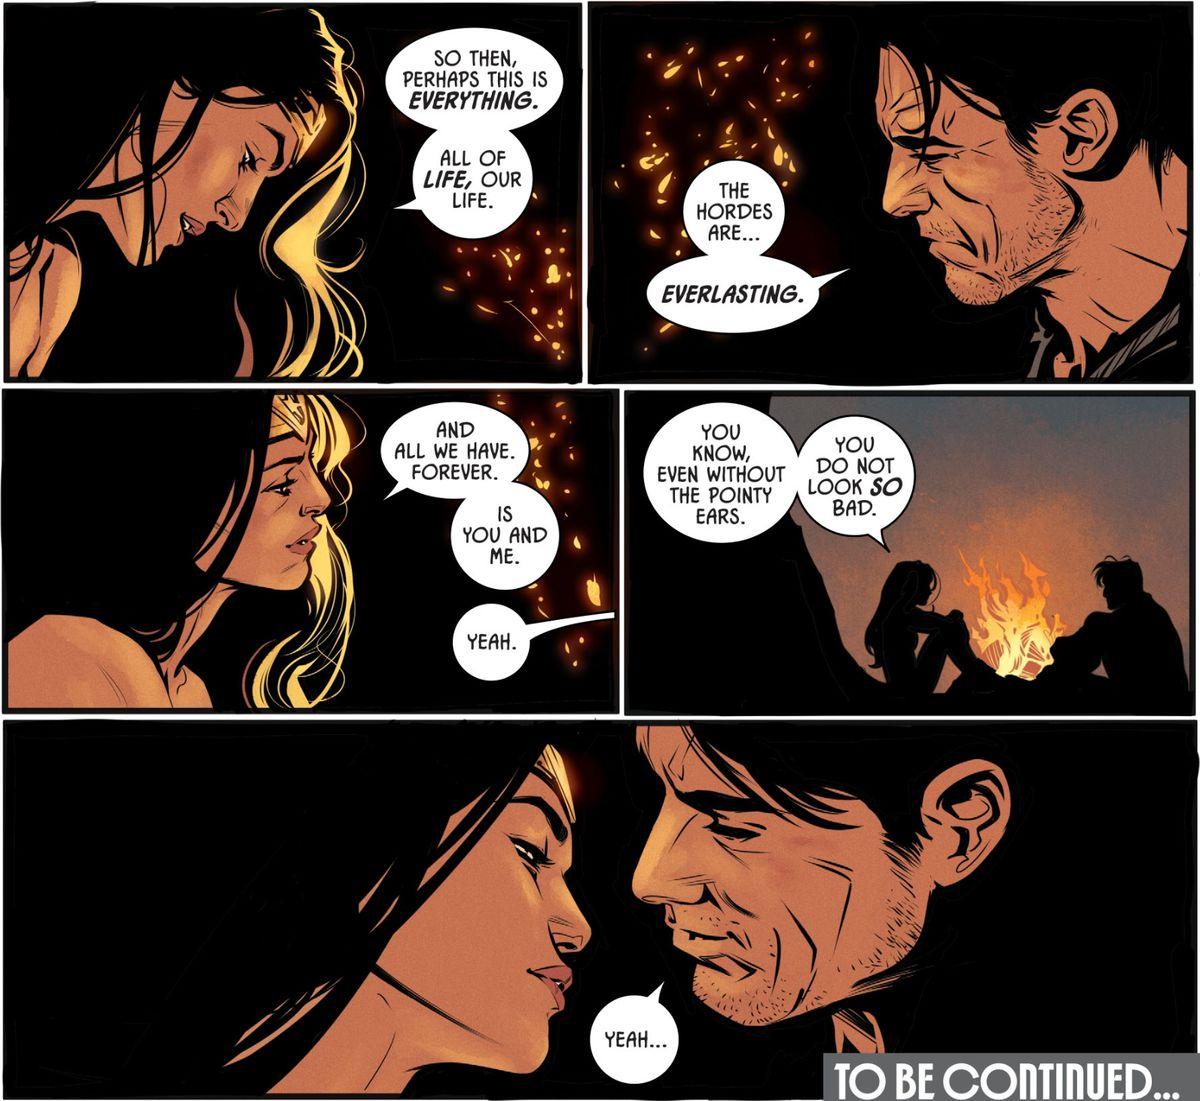 蝙蝠侠与神奇女侠一起欺骗猫女吗?